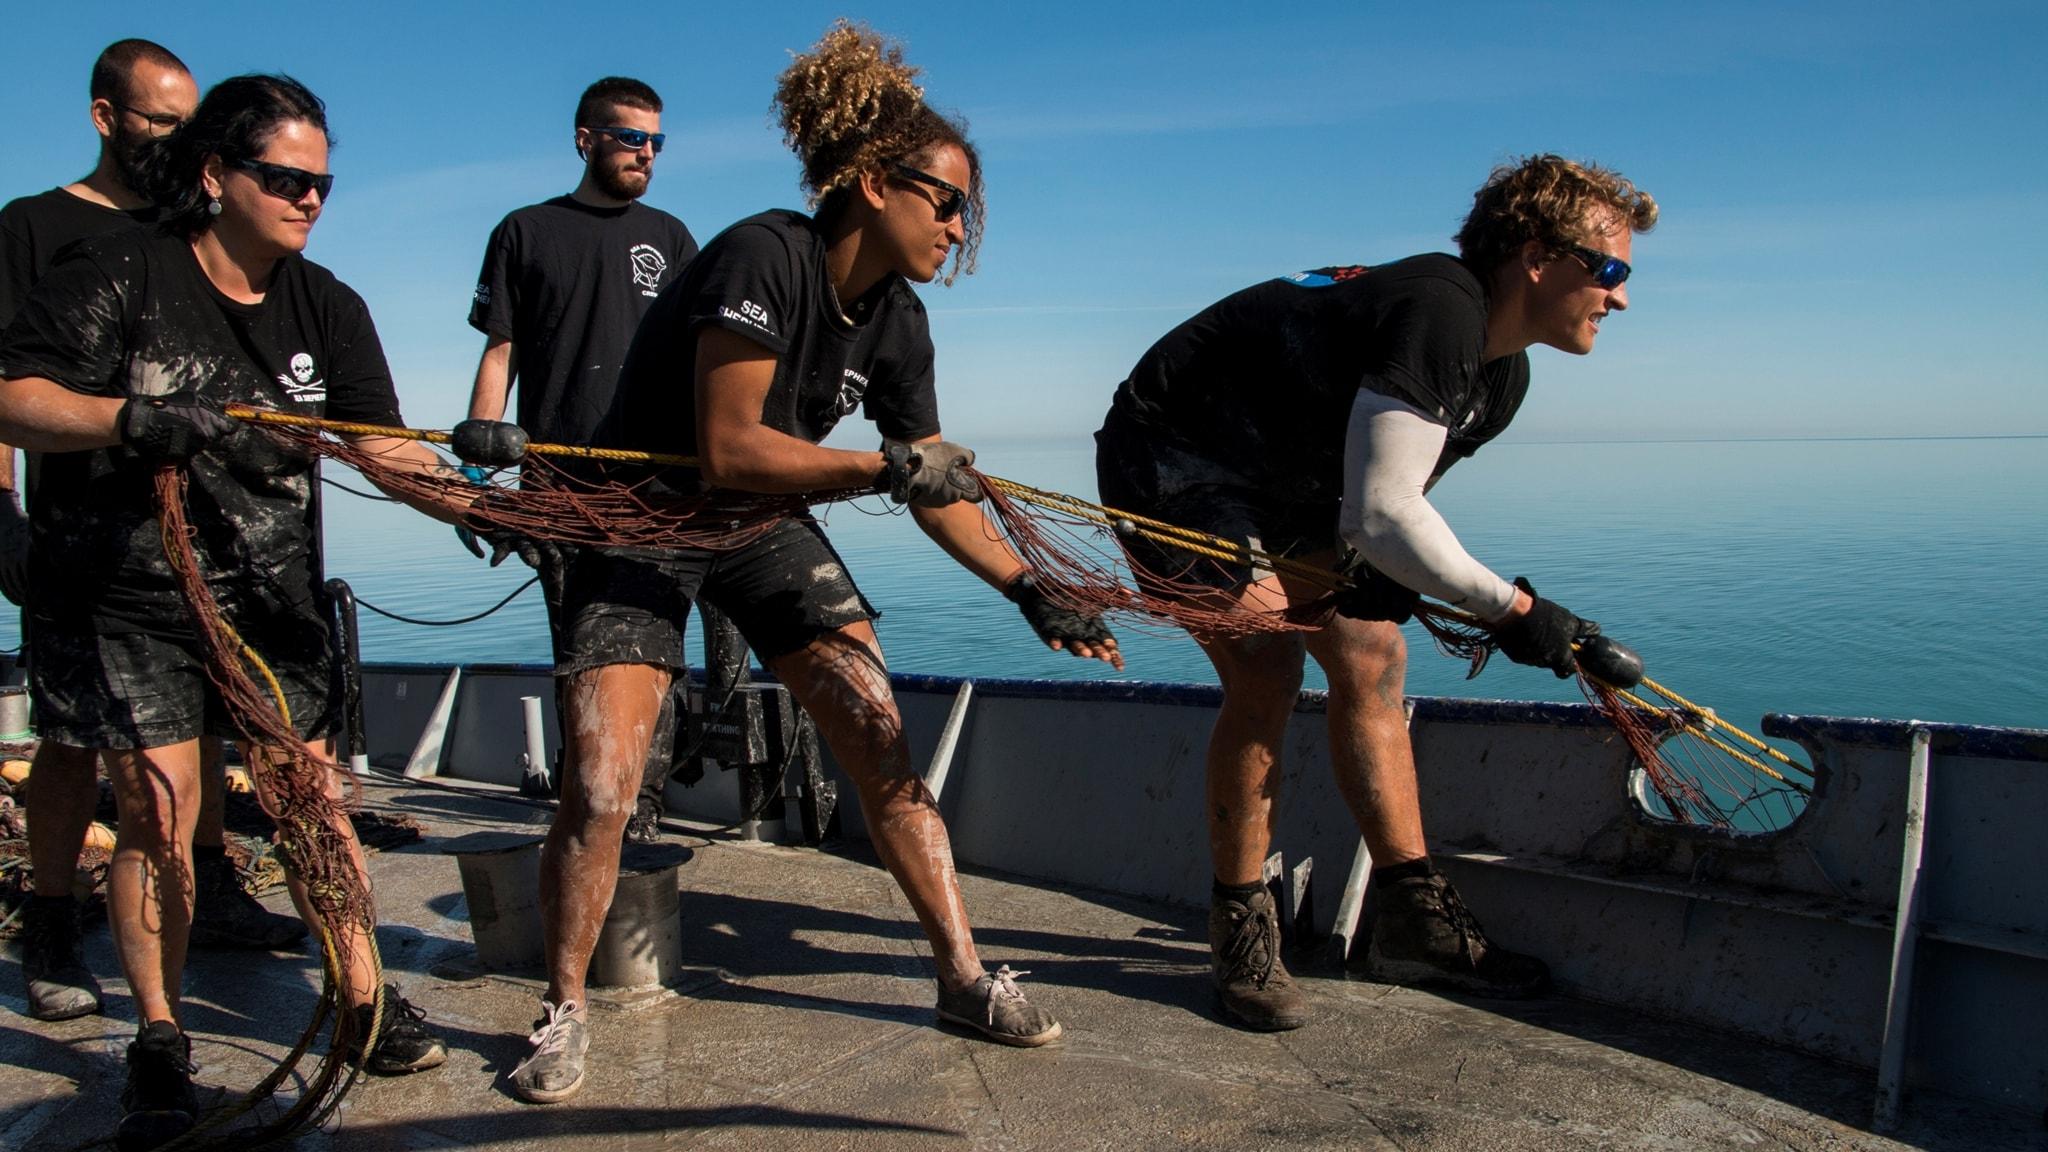 Tre personer står på ett båtdäck och drar upp ett fisknät